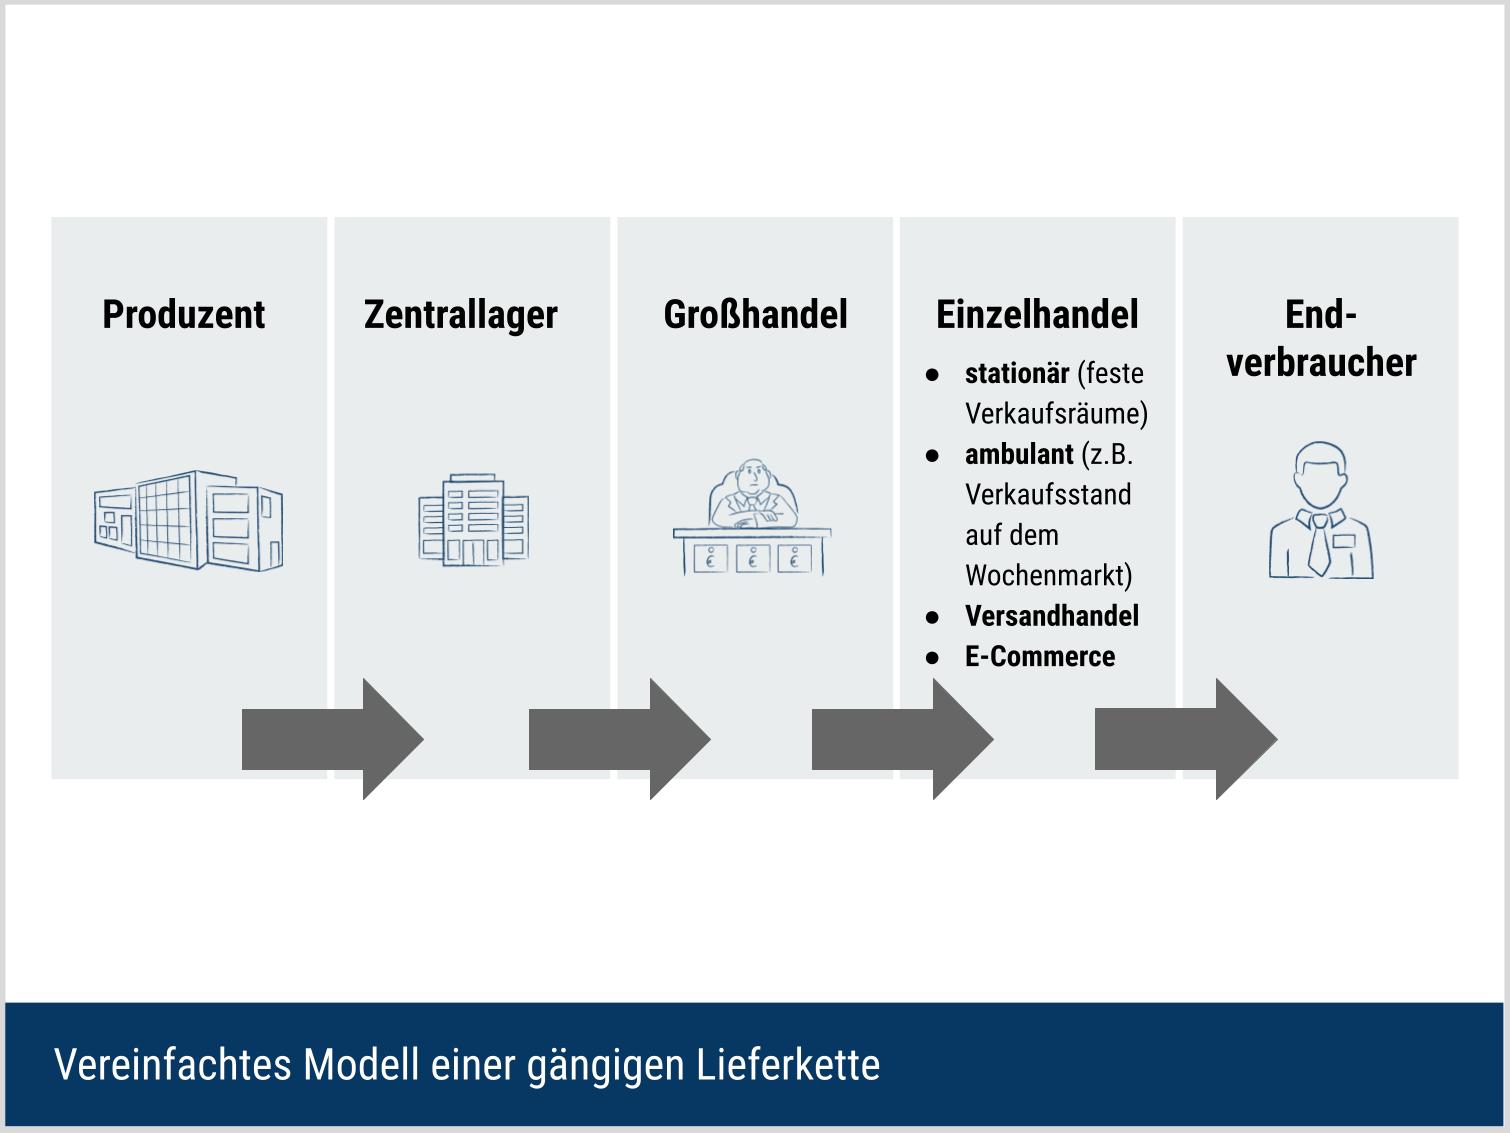 Vereinfachtes Modell einer gängigen Lieferkette